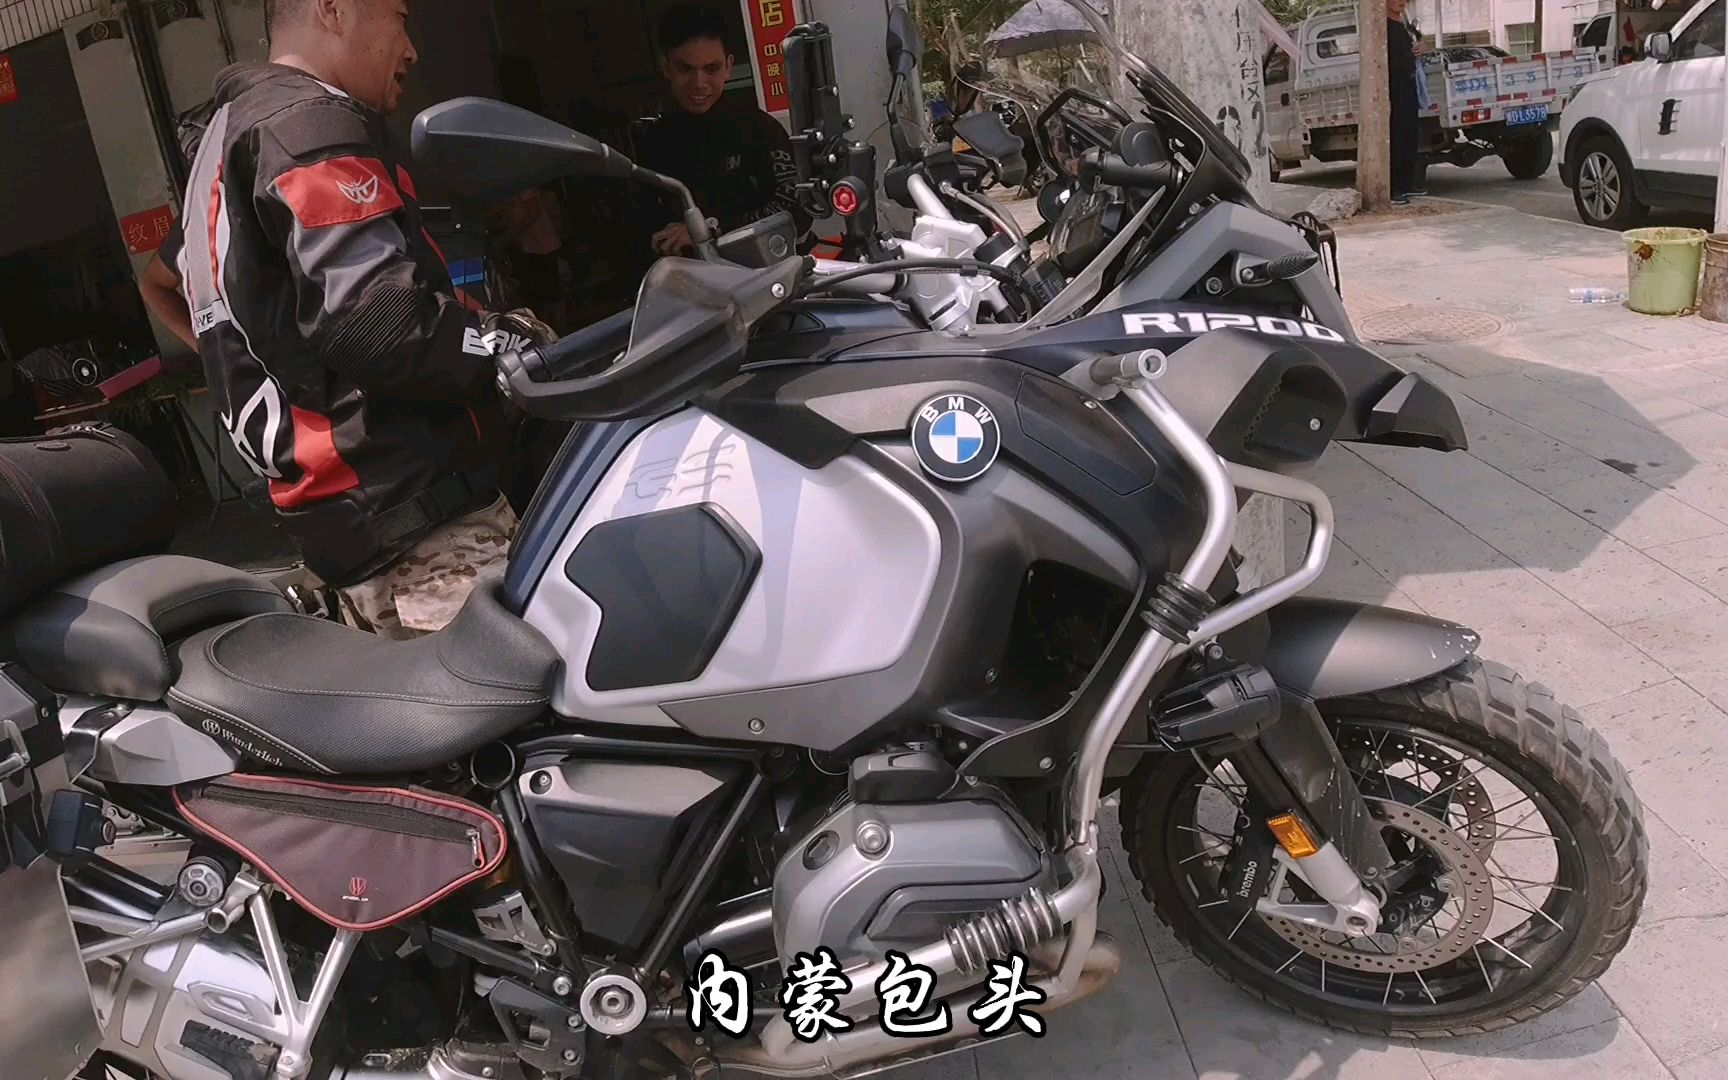 在海南偶遇骑27万宝马摩托车来旅行的内蒙古老哥